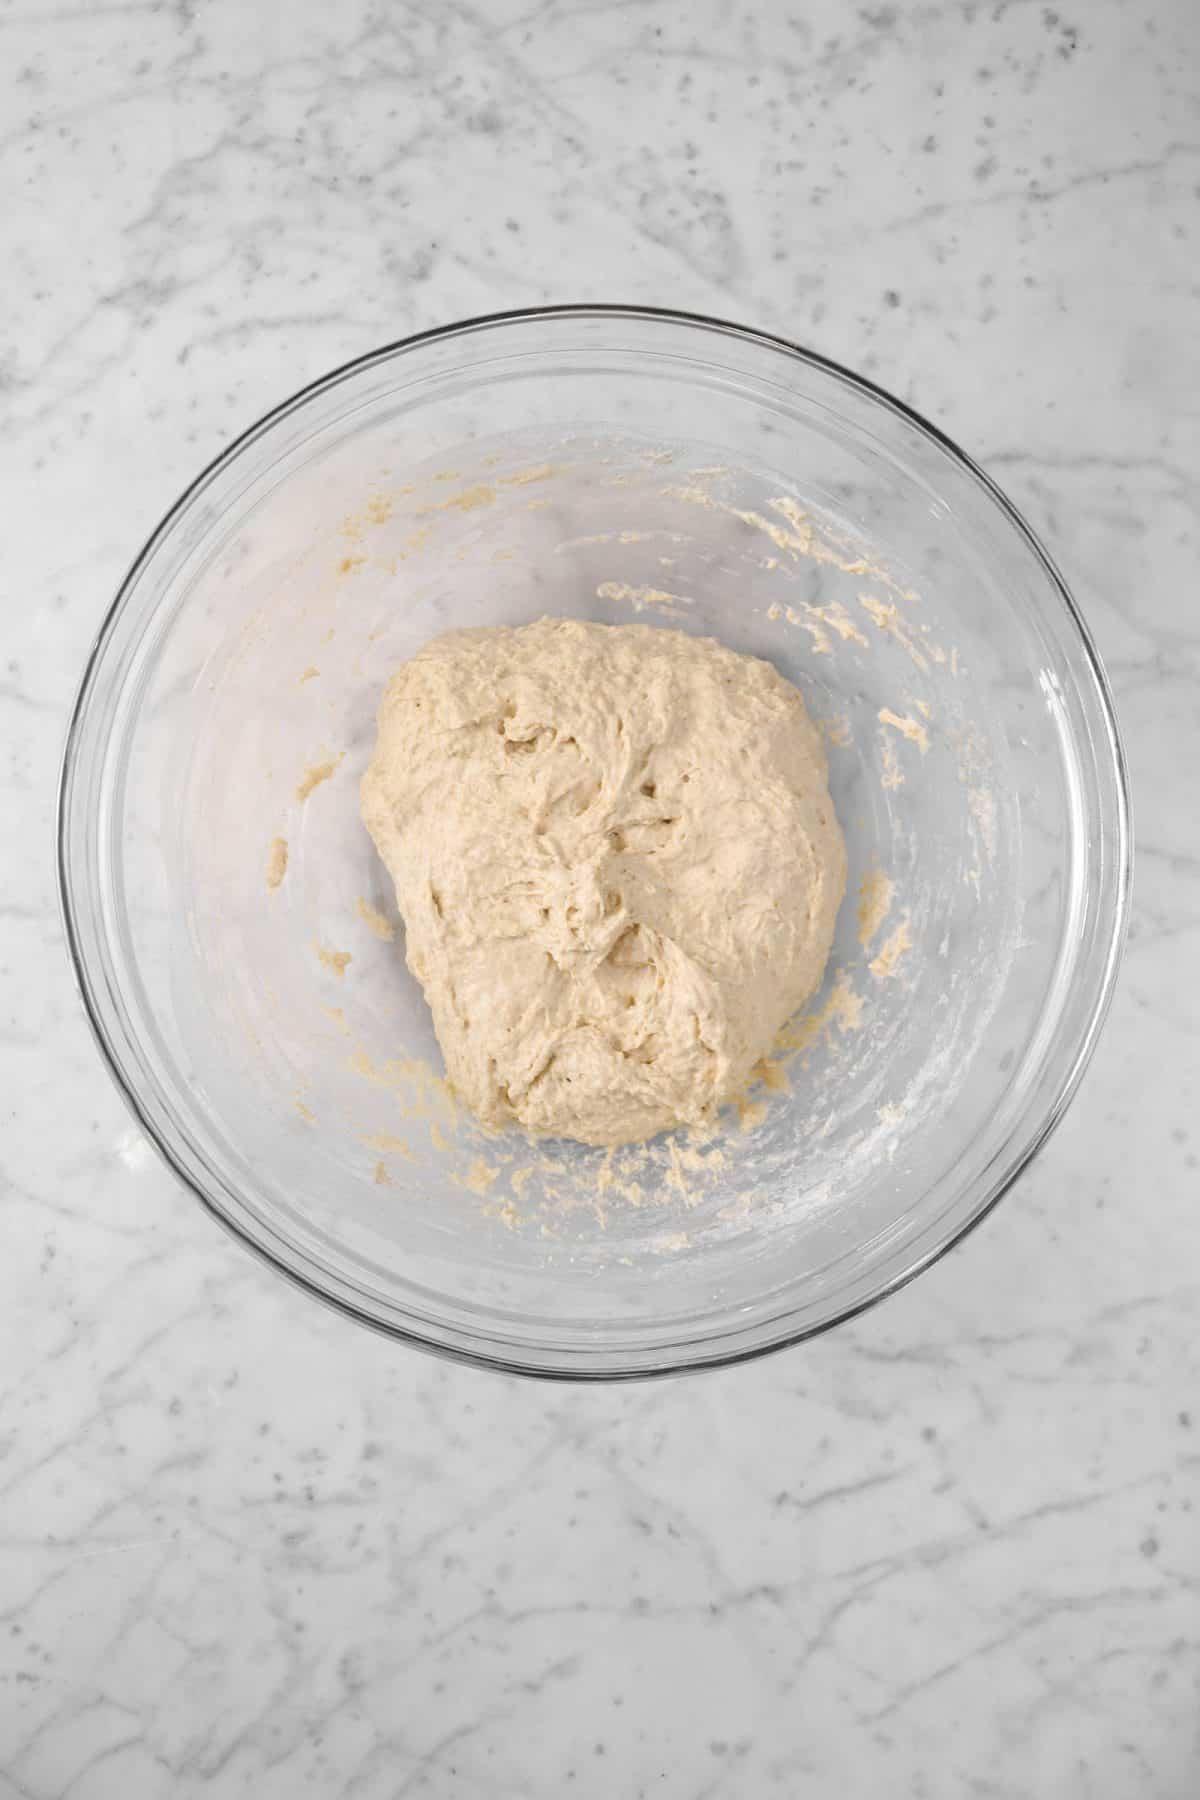 sourdough dough in a glass mixing bowl